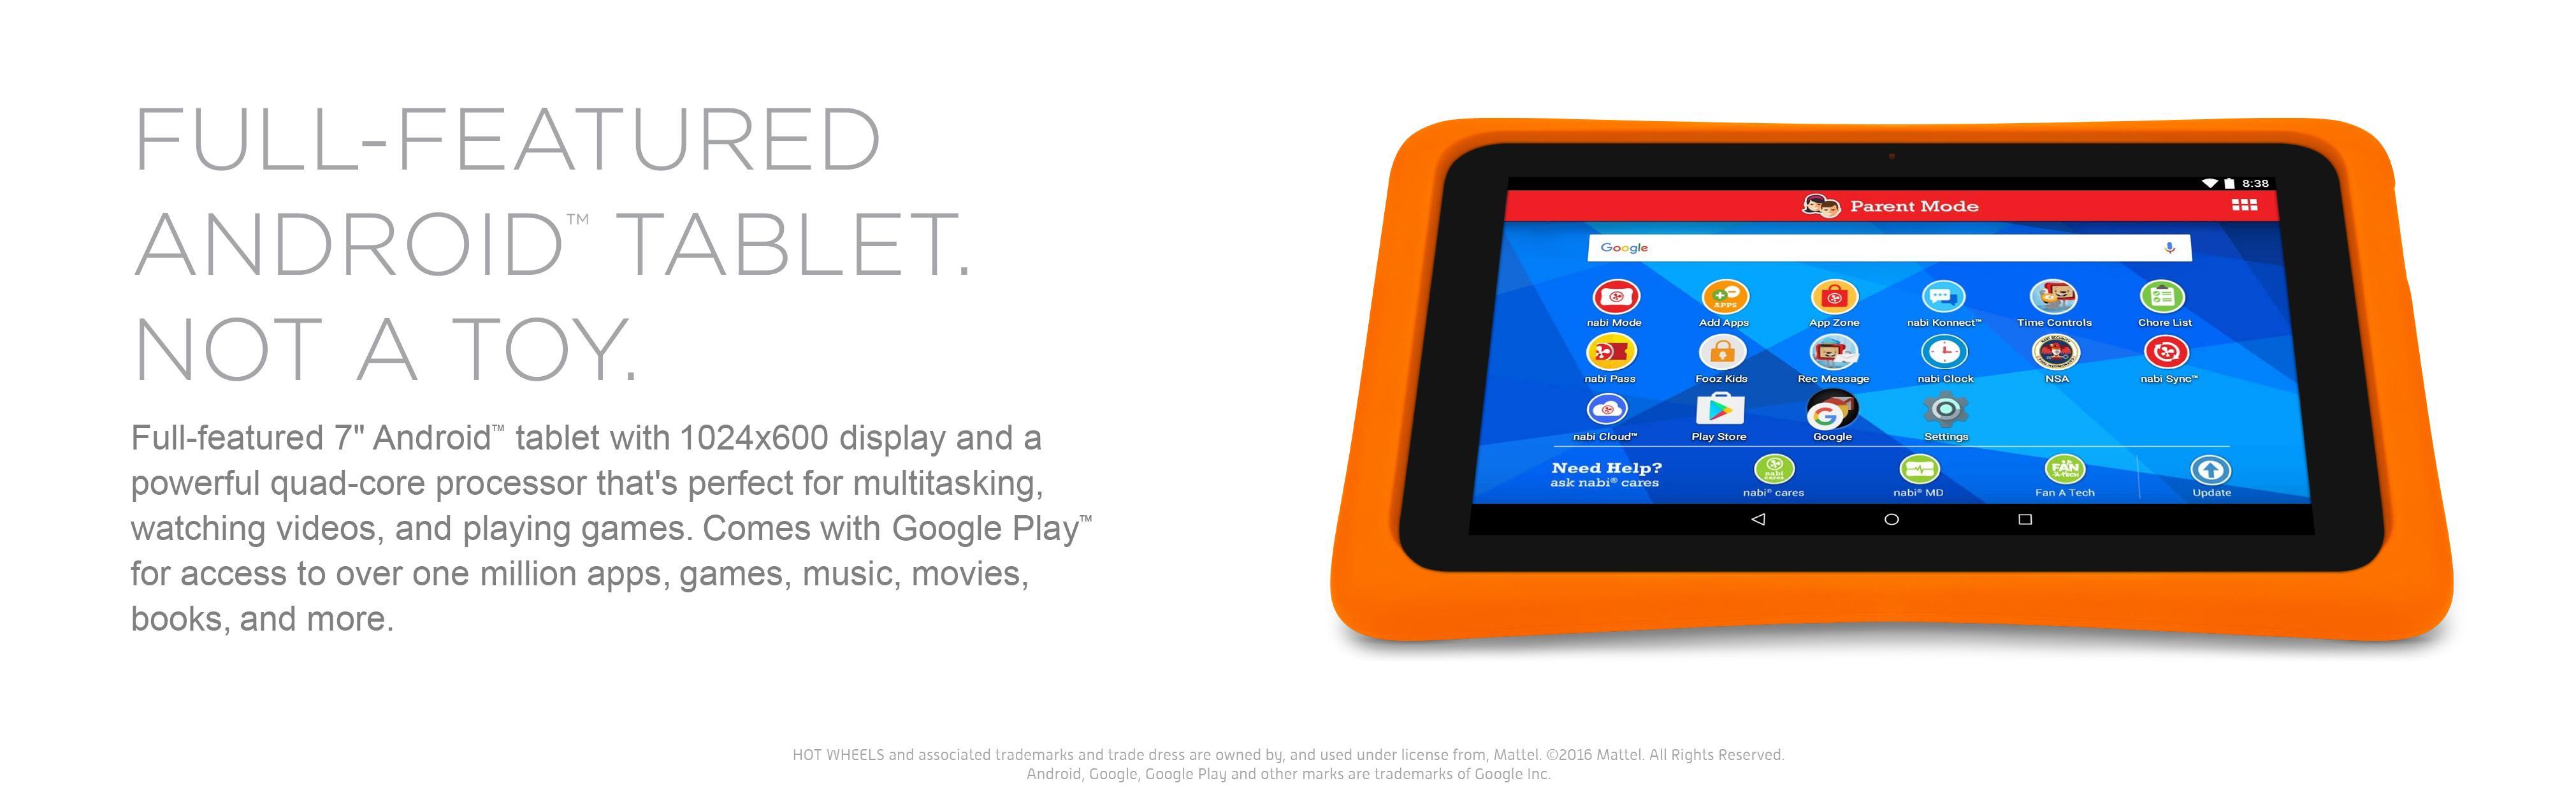 Free games for nabi tablet - Villa mirage resort scottsdale